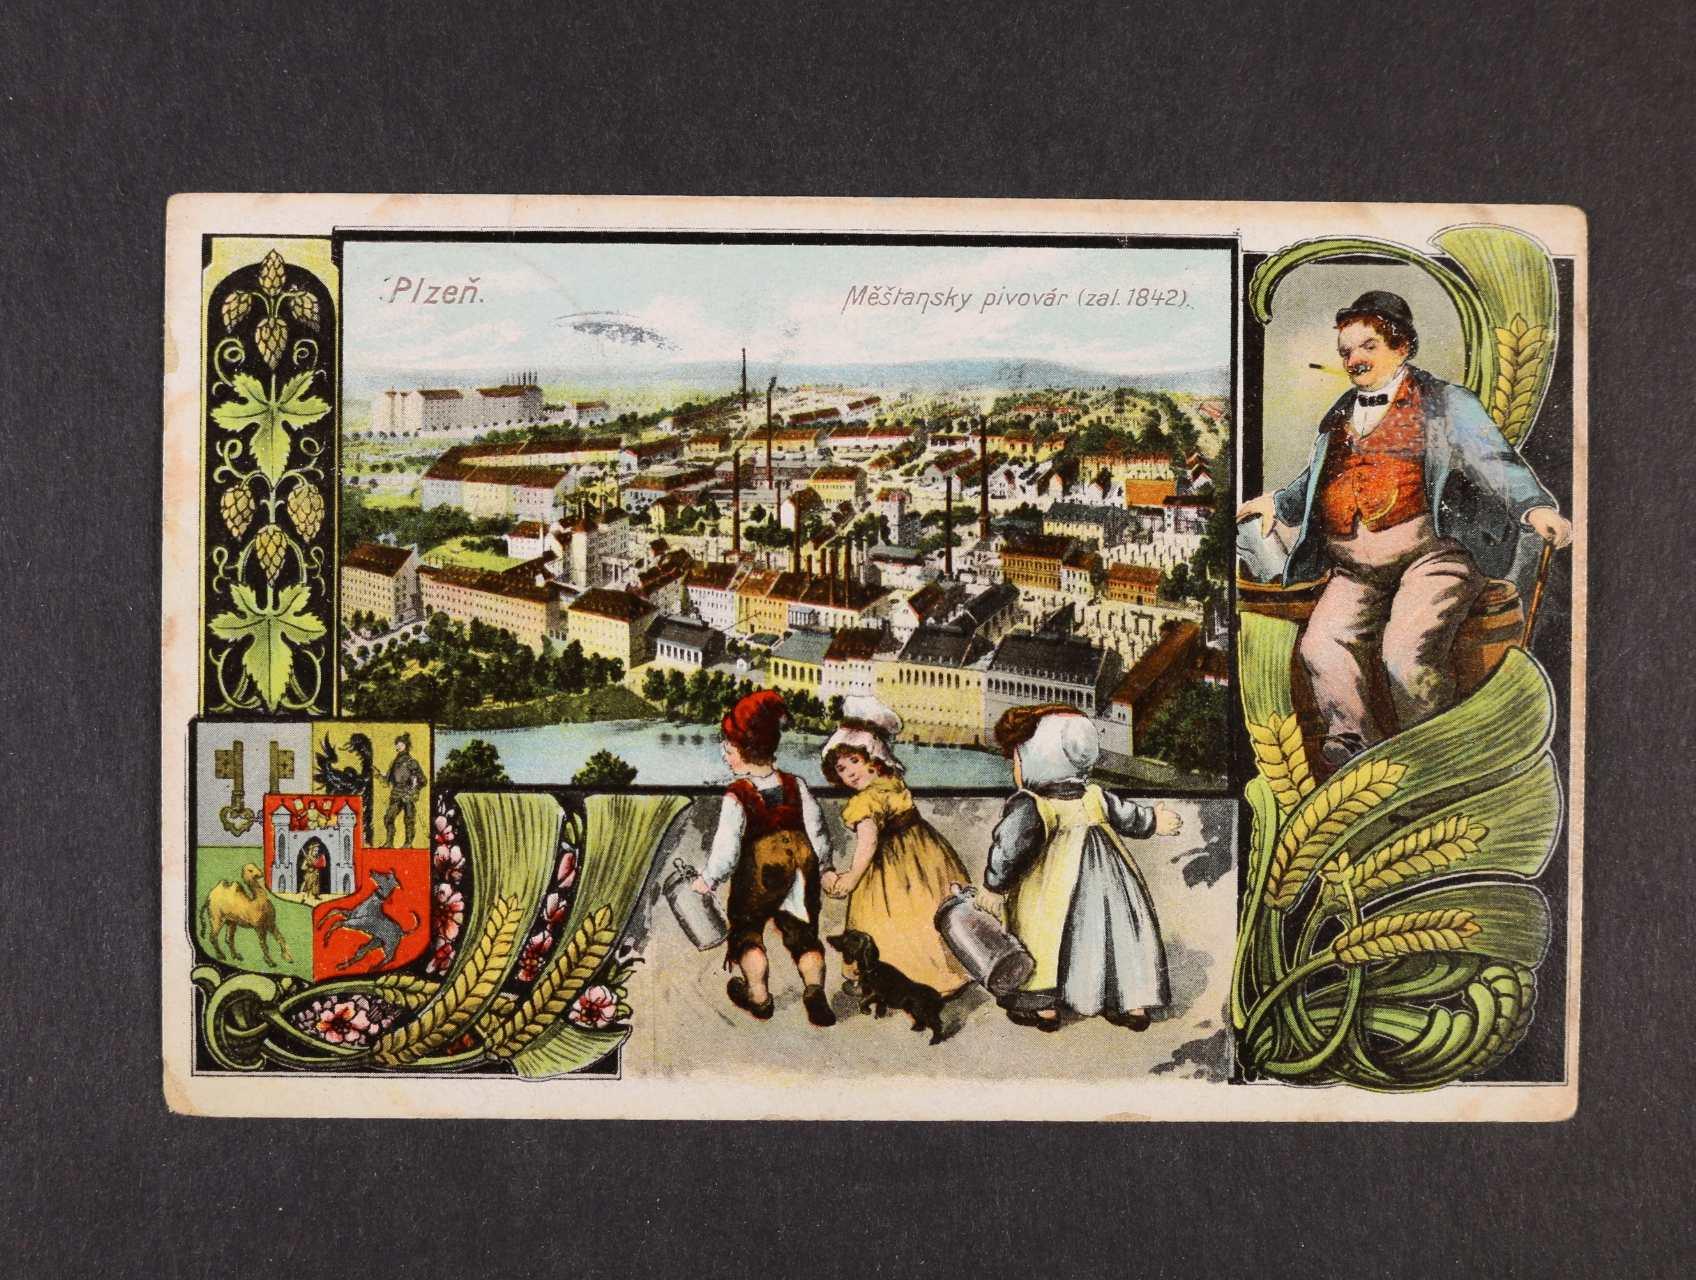 Plzeň - Měšťanský pivovar - bar. litograf. koláž, použitá 1907